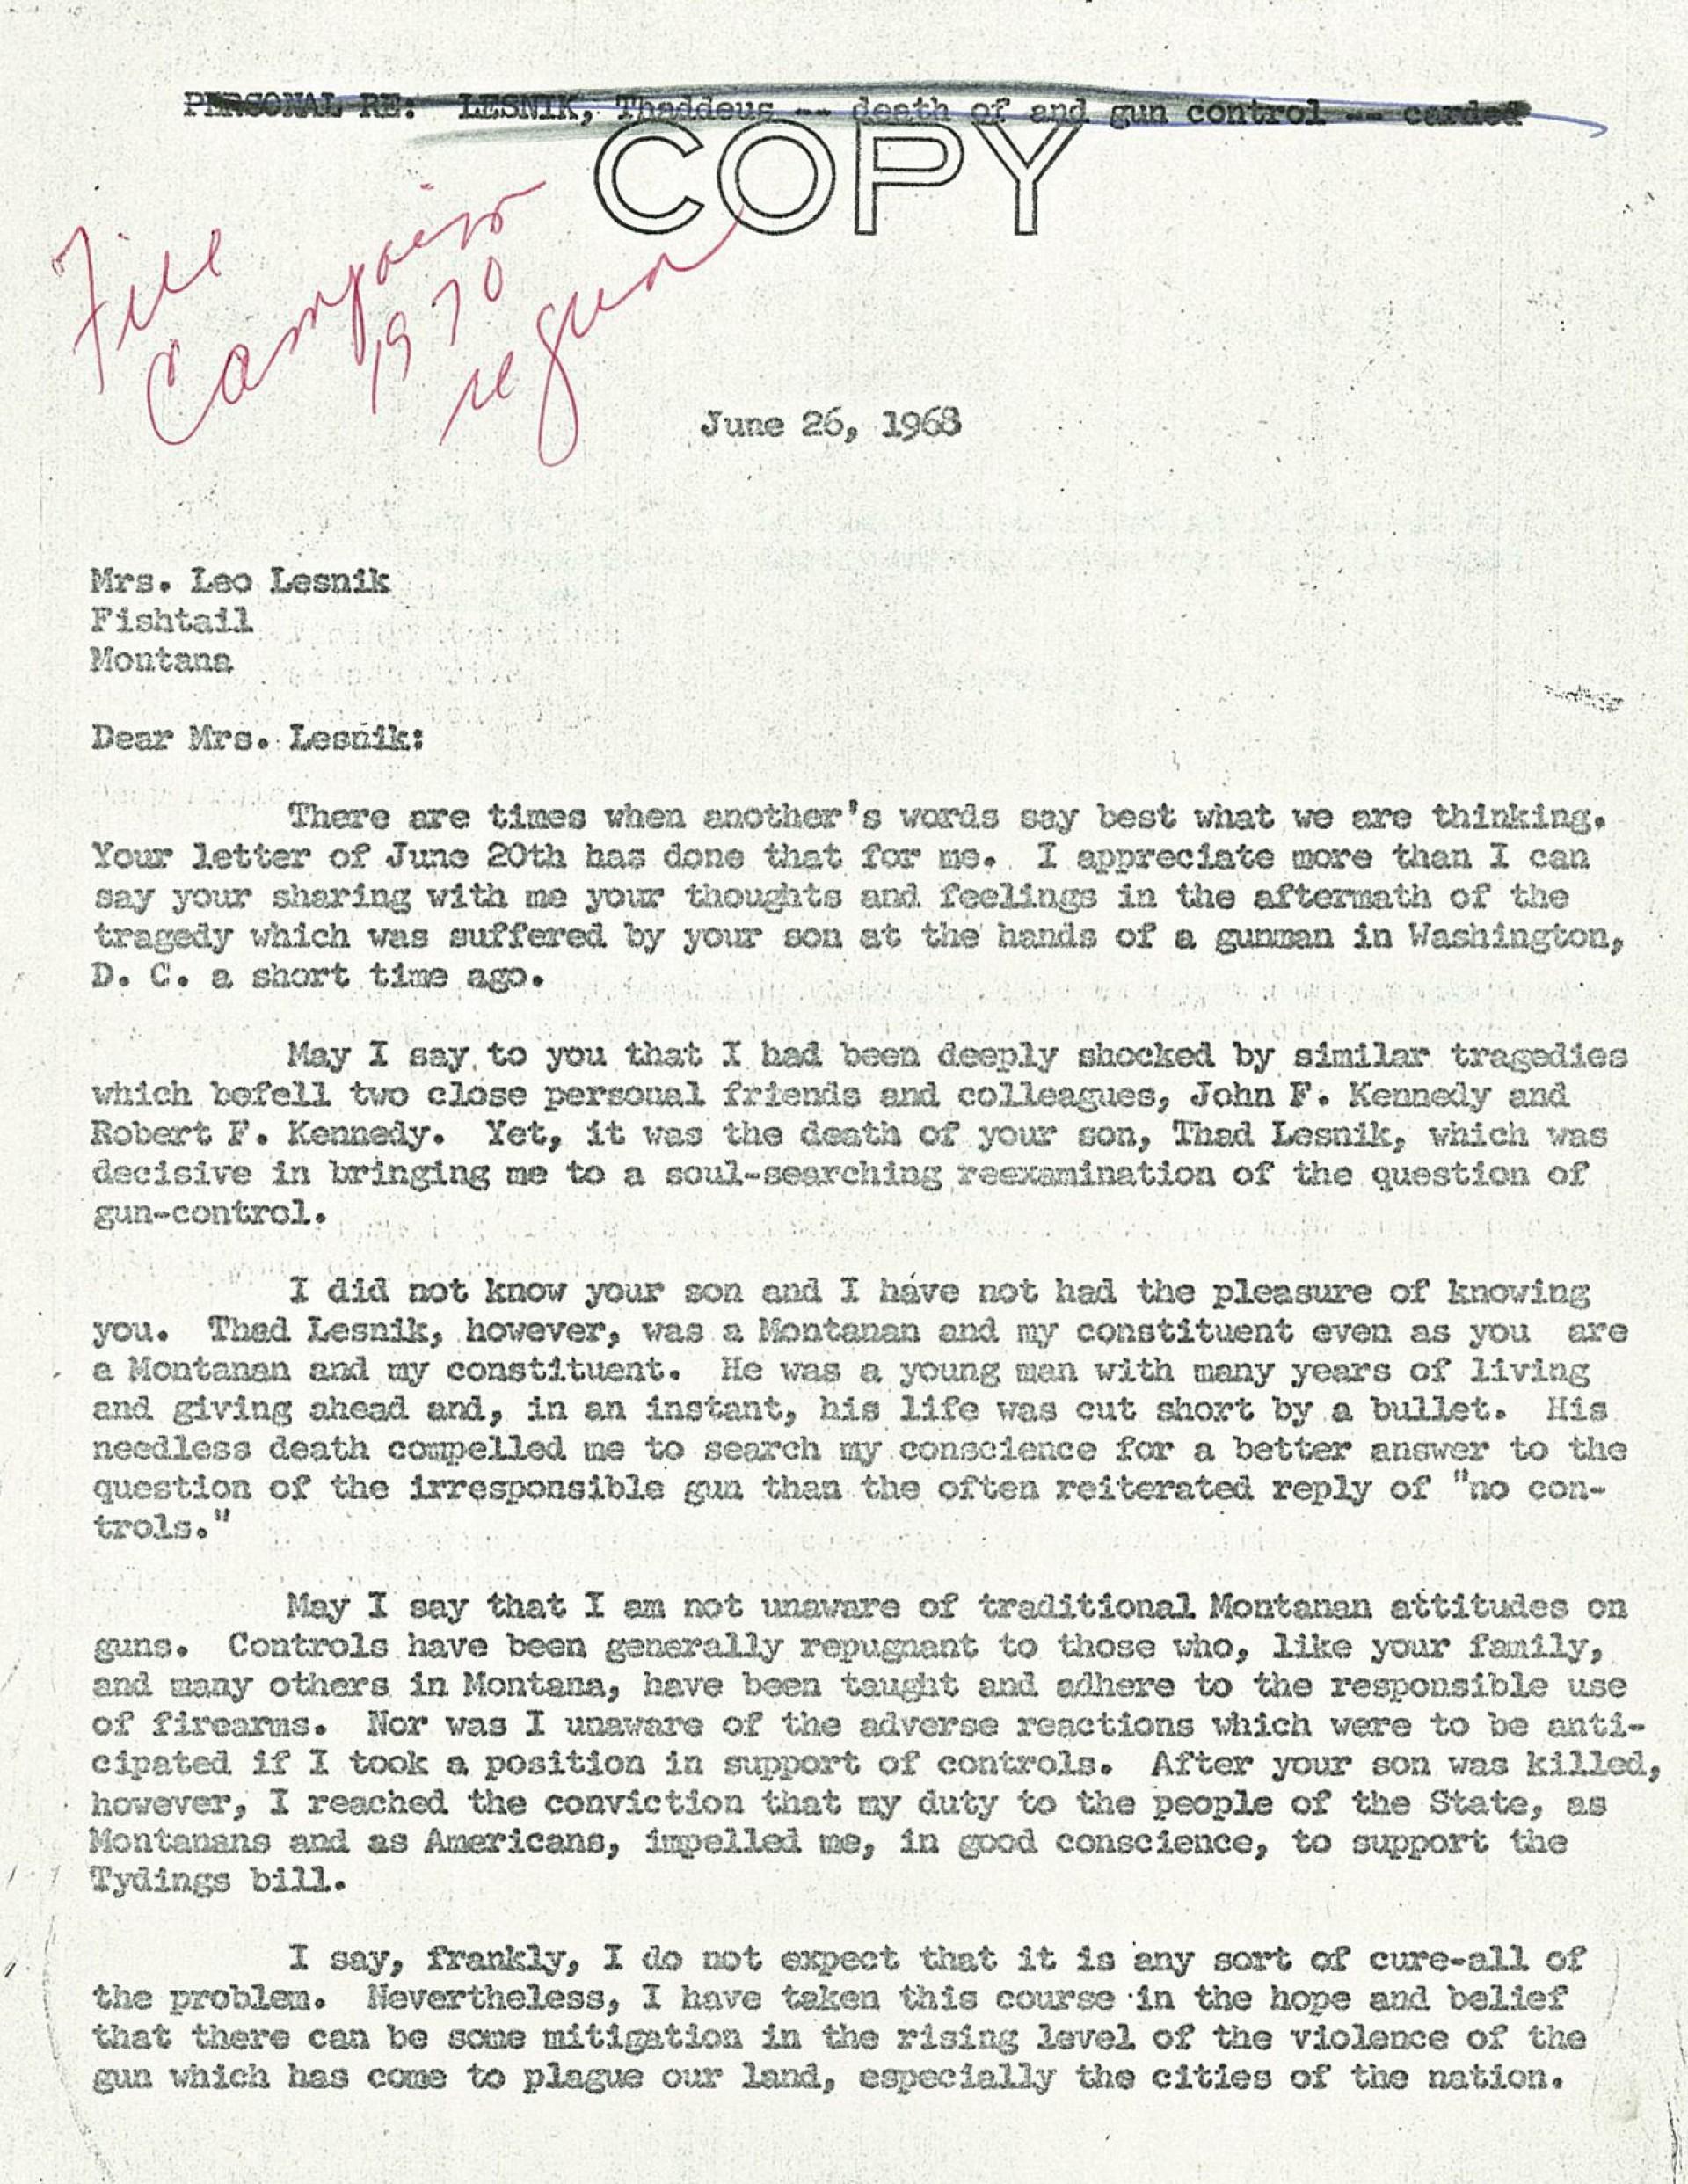 005 Gun Control Argumentative Essay Pro Essays Concl Outline Pdf Introduction Conclusion Topics Thesis Anti Against Phenomenal Laws Titles Questions 1920